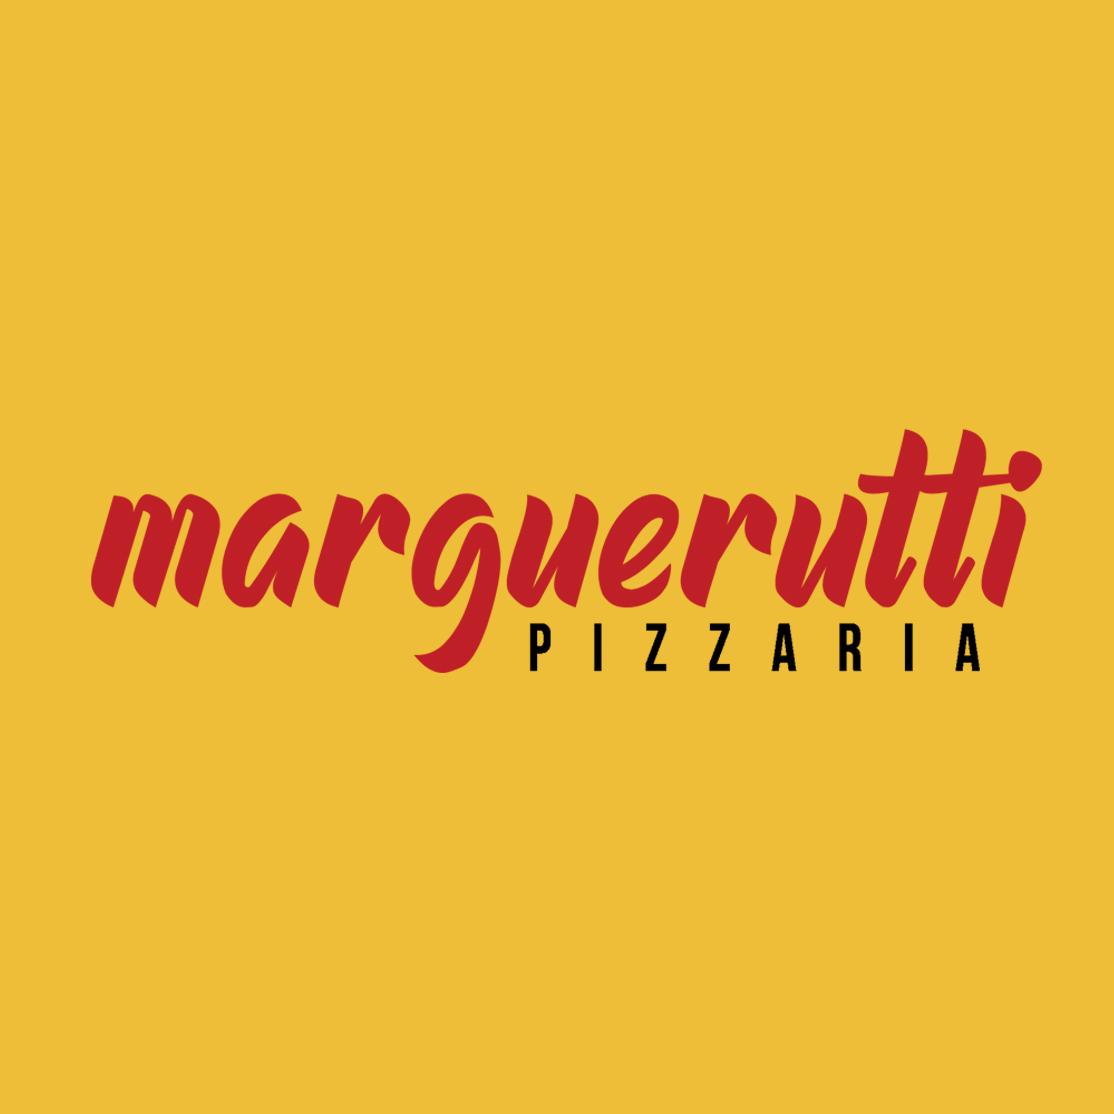 Logomarg1